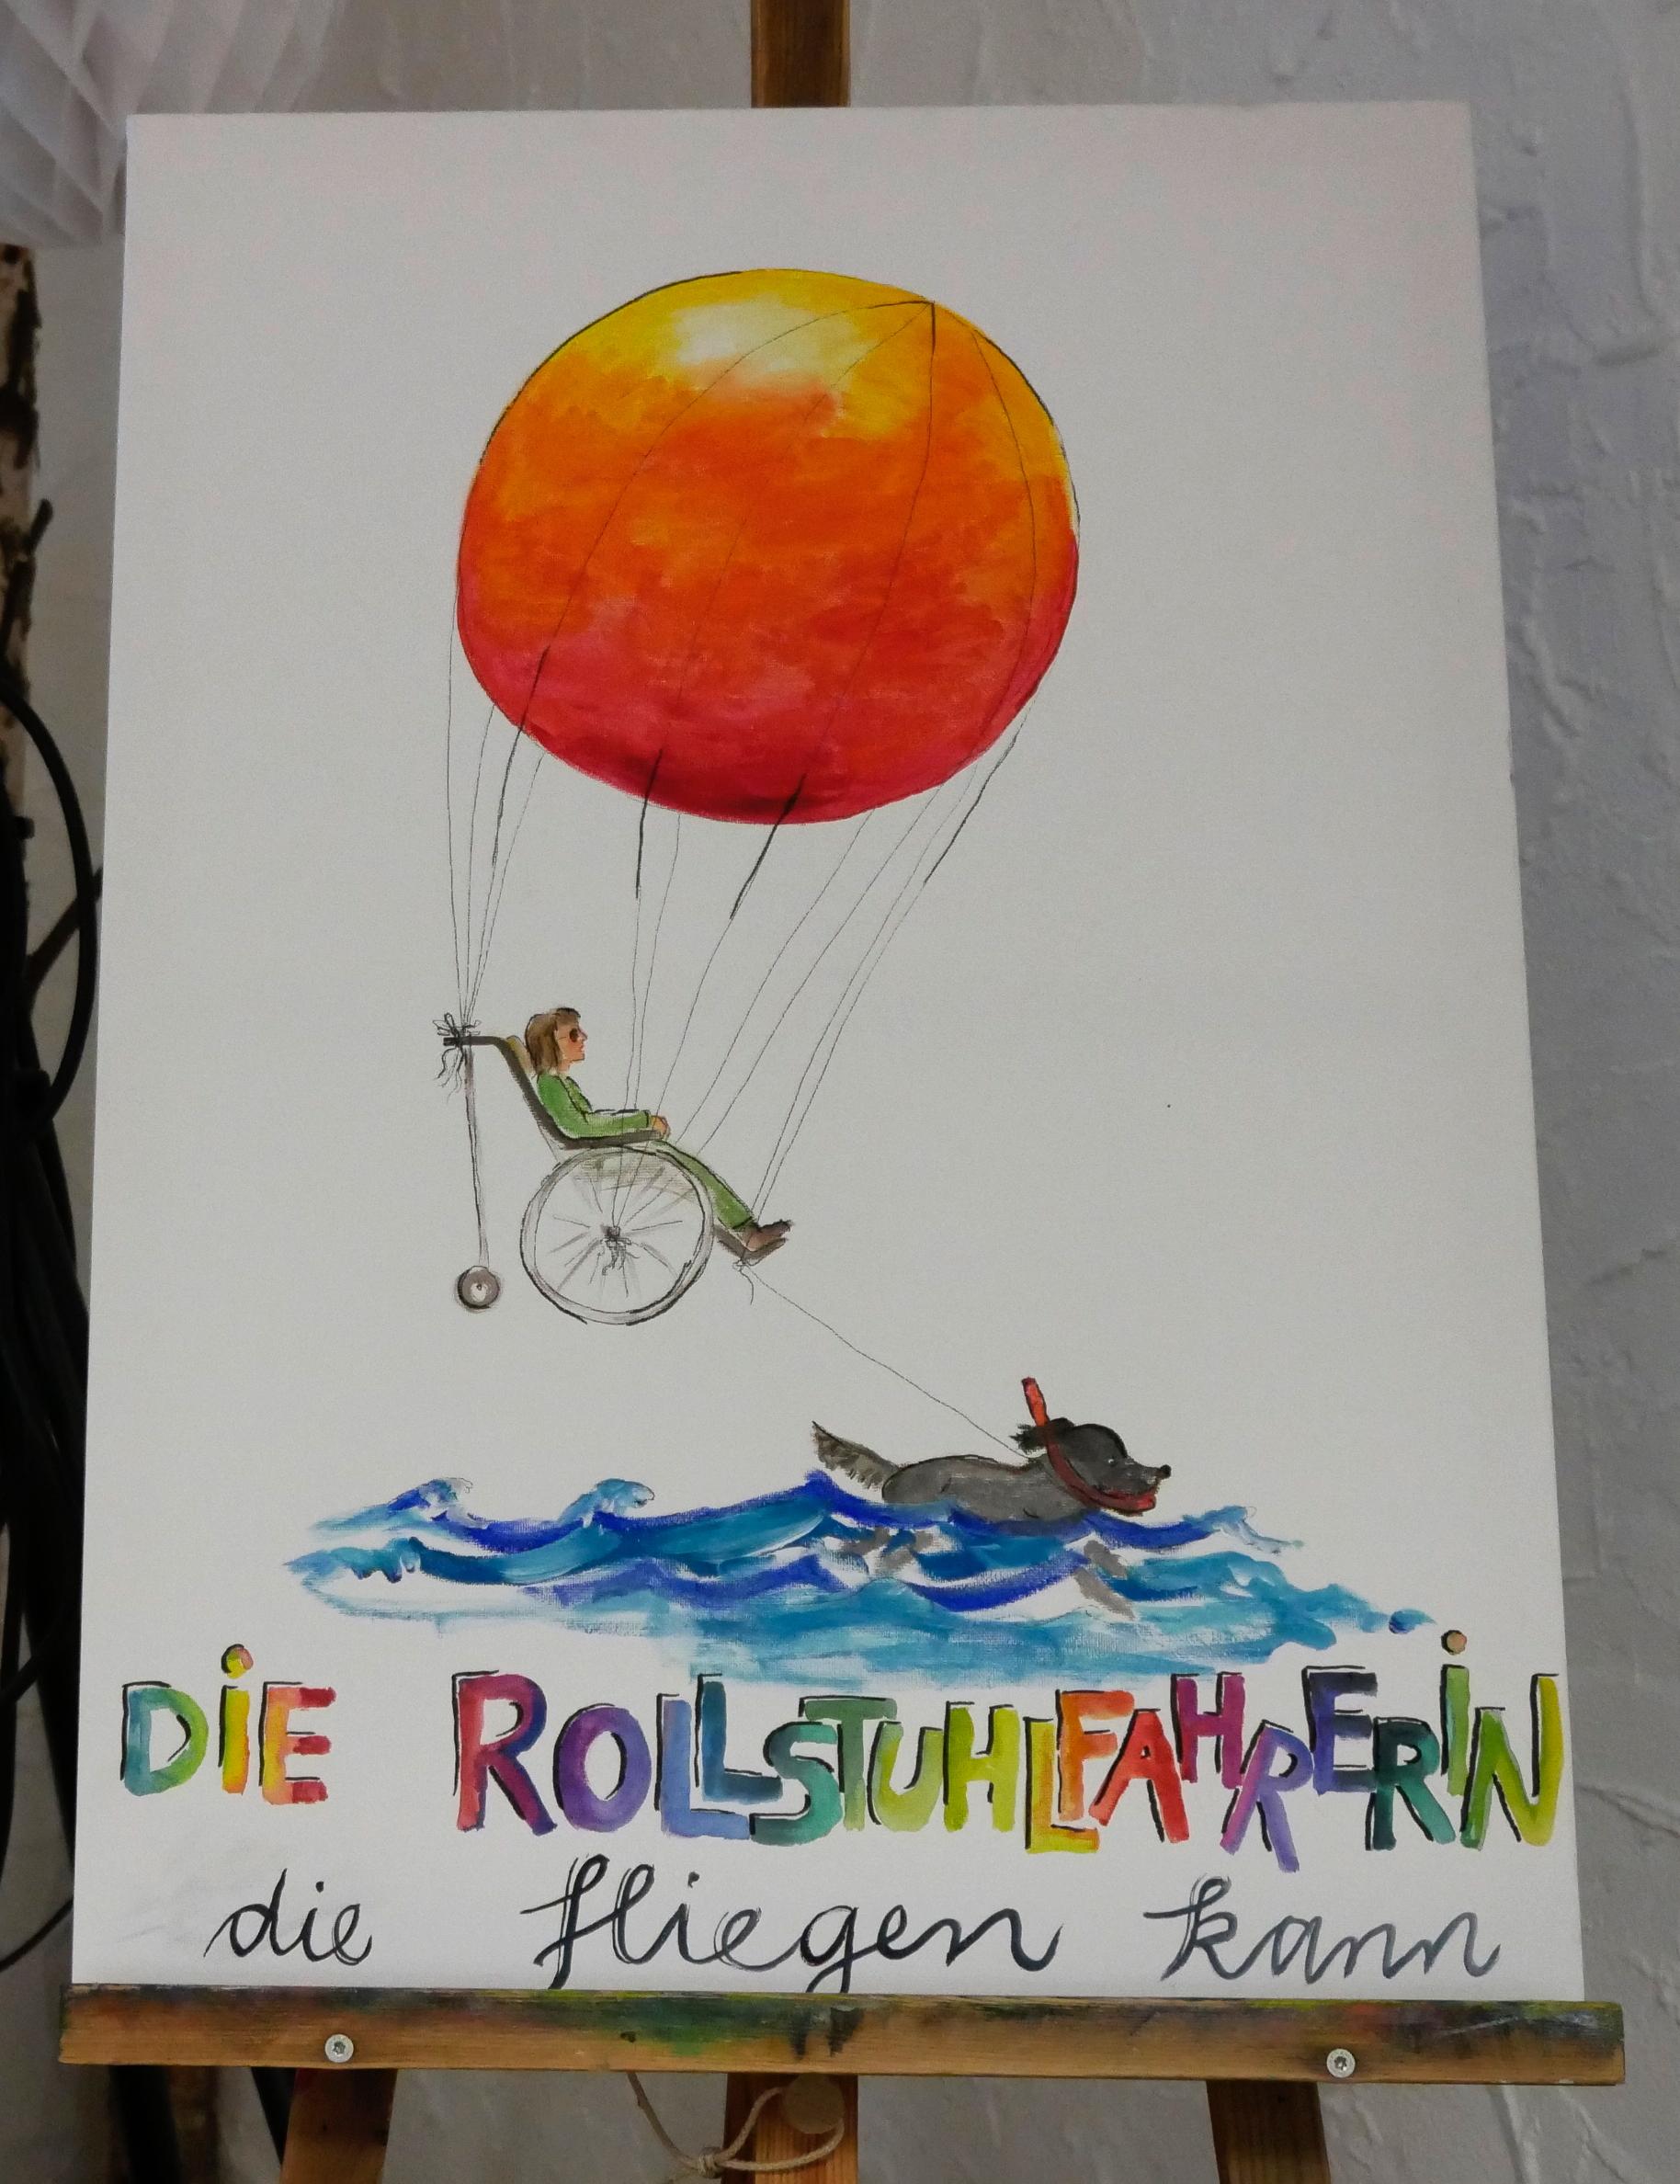 die Rollstuhlfahrerin, die fliegen kann